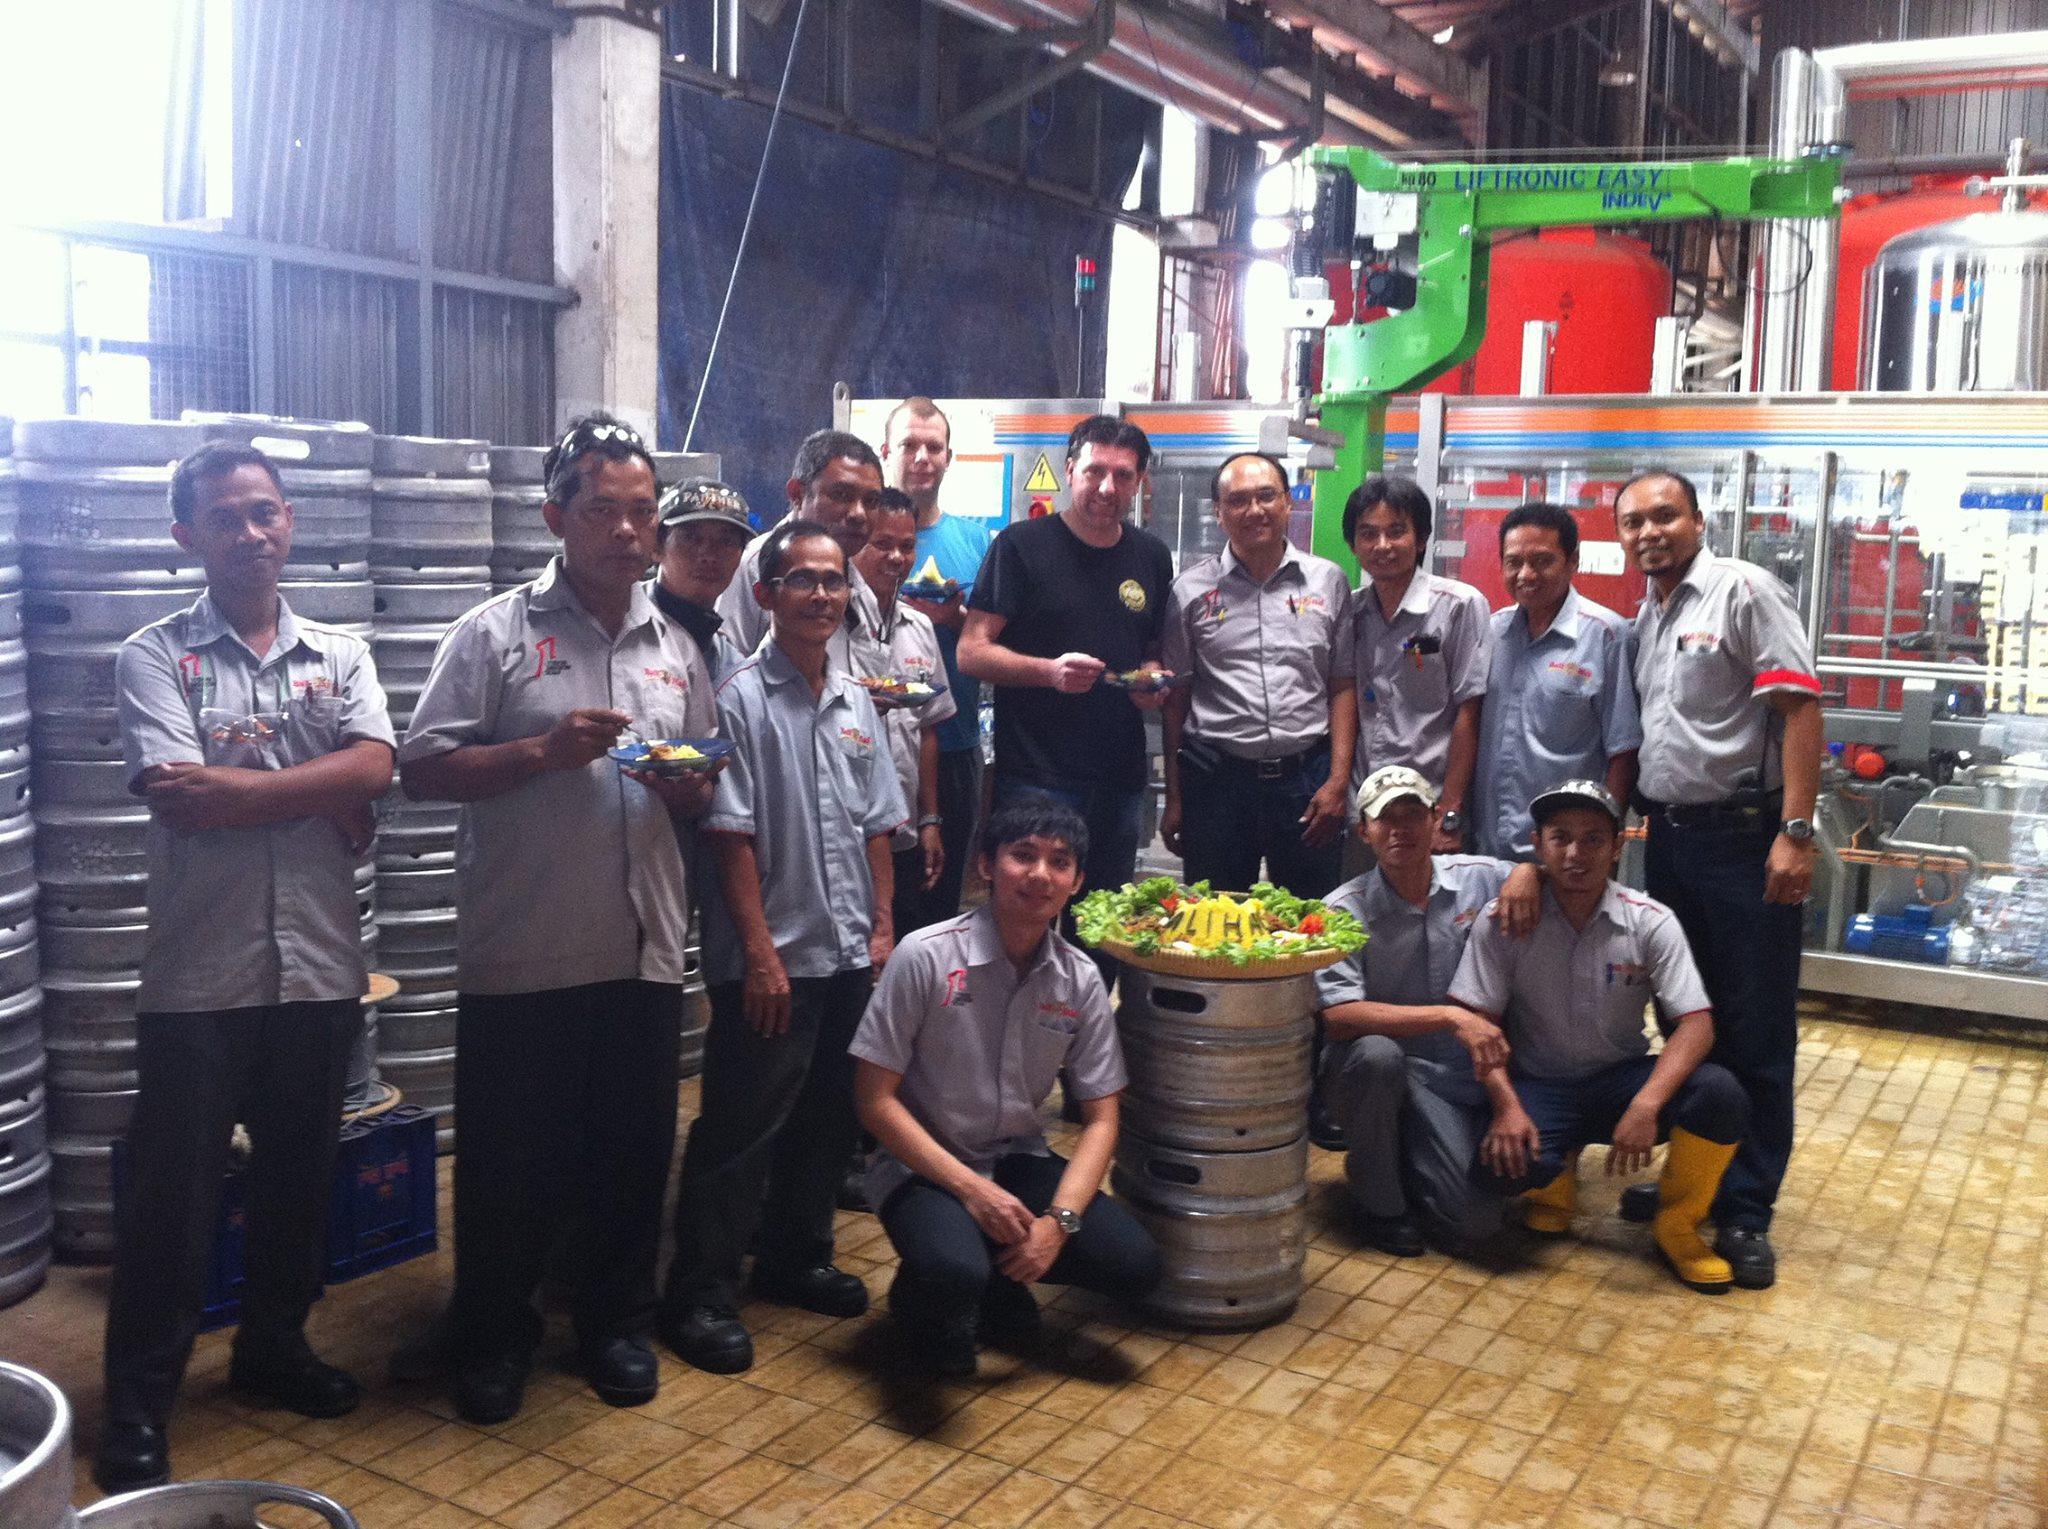 Bali Hai Brewery Lambrechts Group